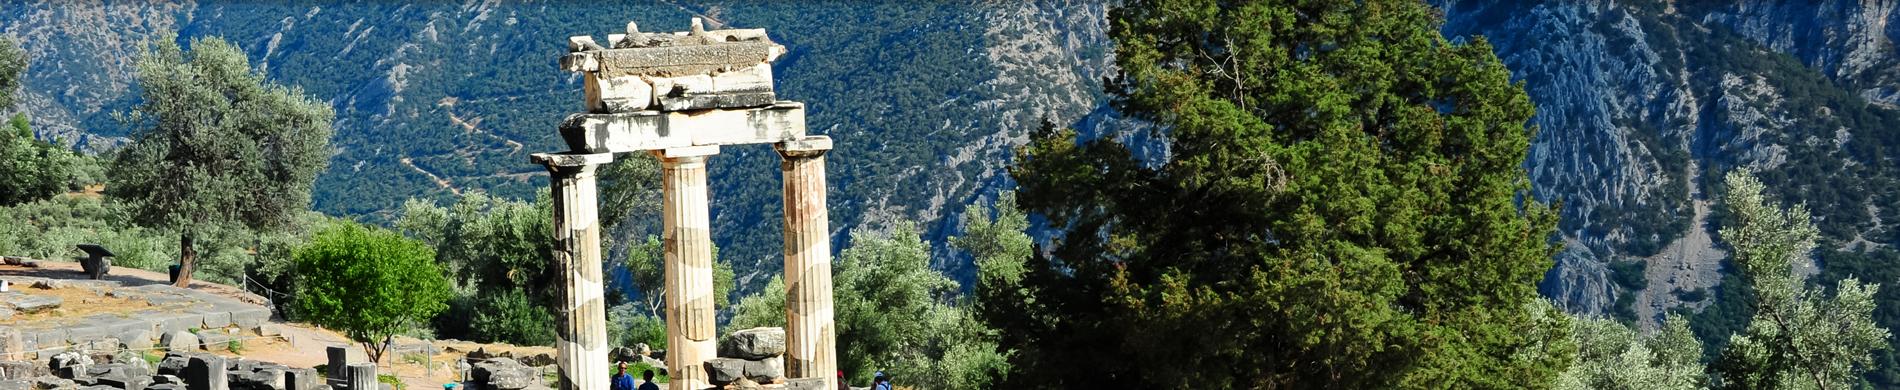 希腊阿特拉斯投资置业有限公司